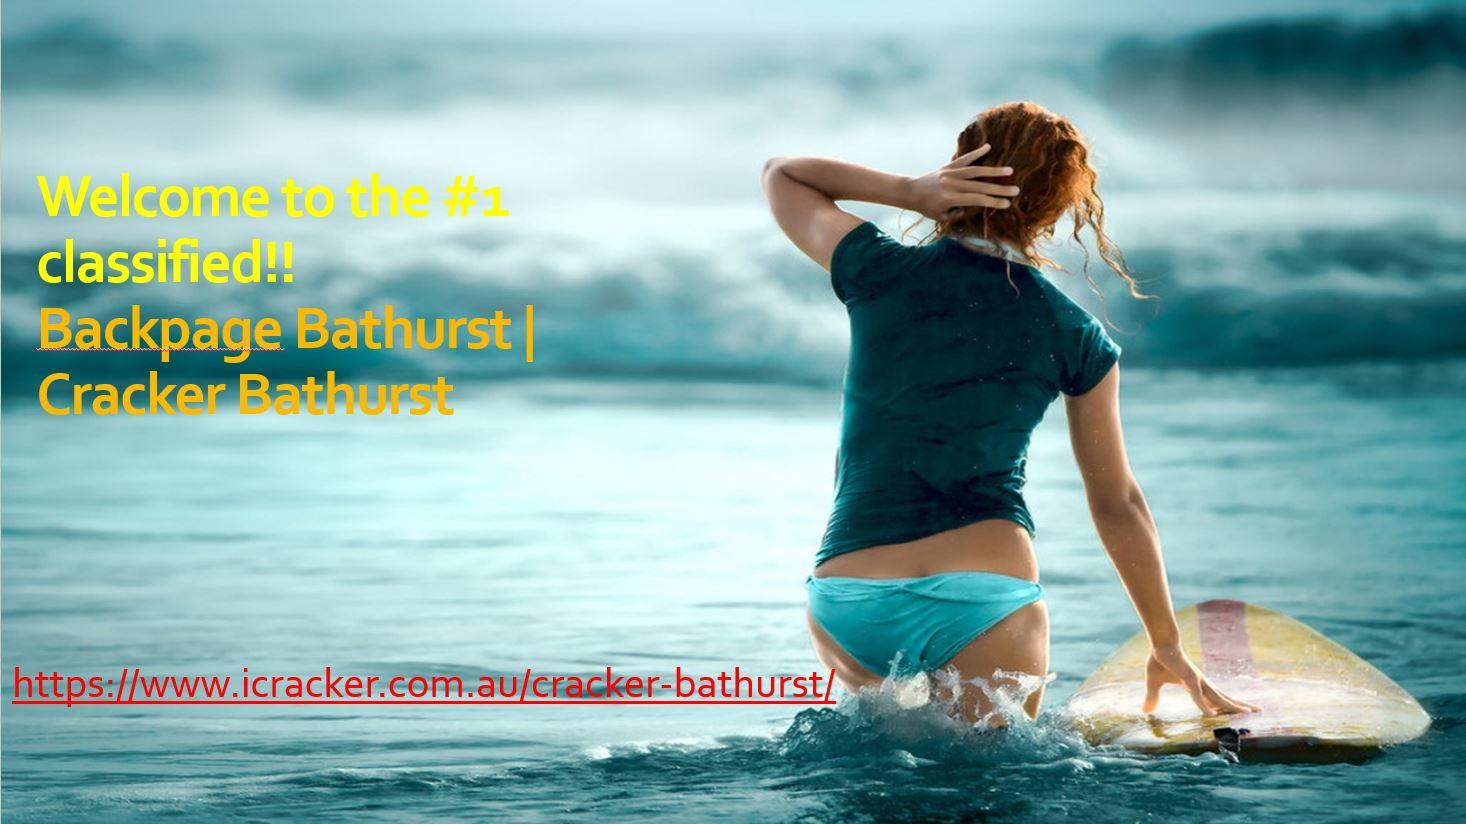 Backpage Bathurst | Cracker Bathurst